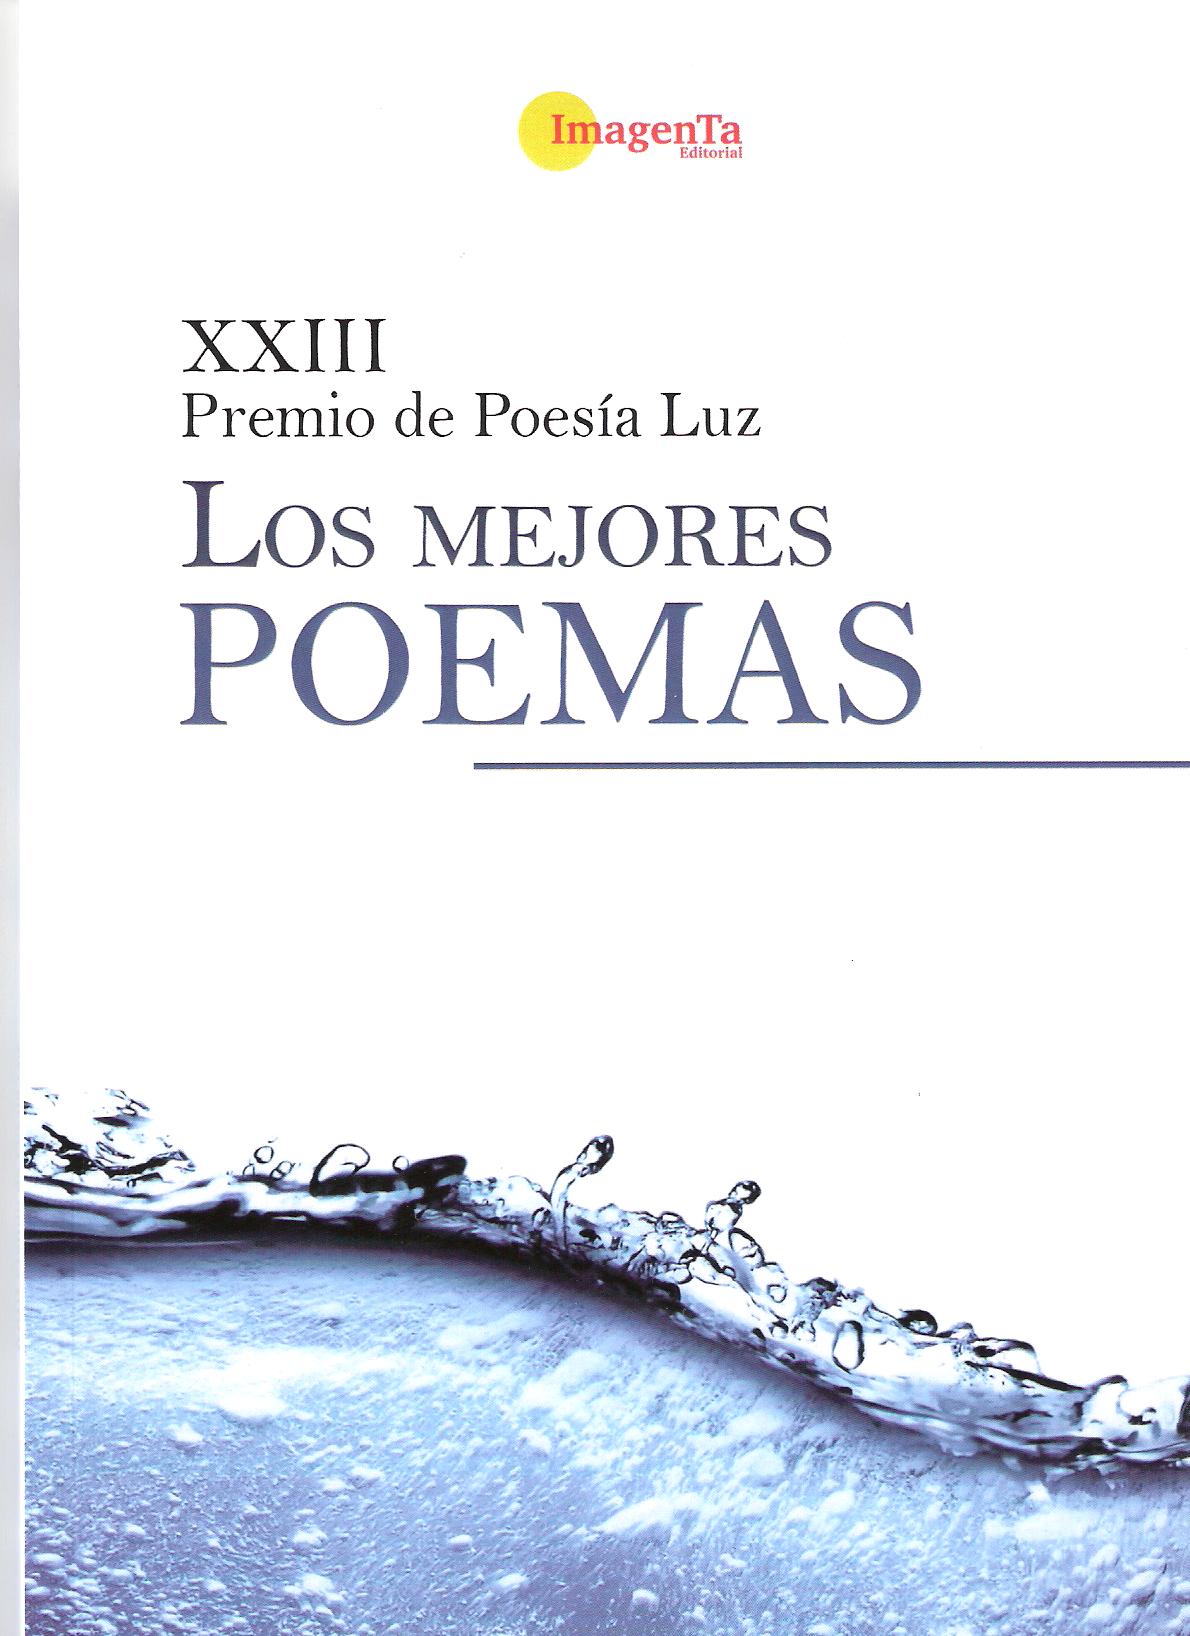 XXIII premio de poesía Luz